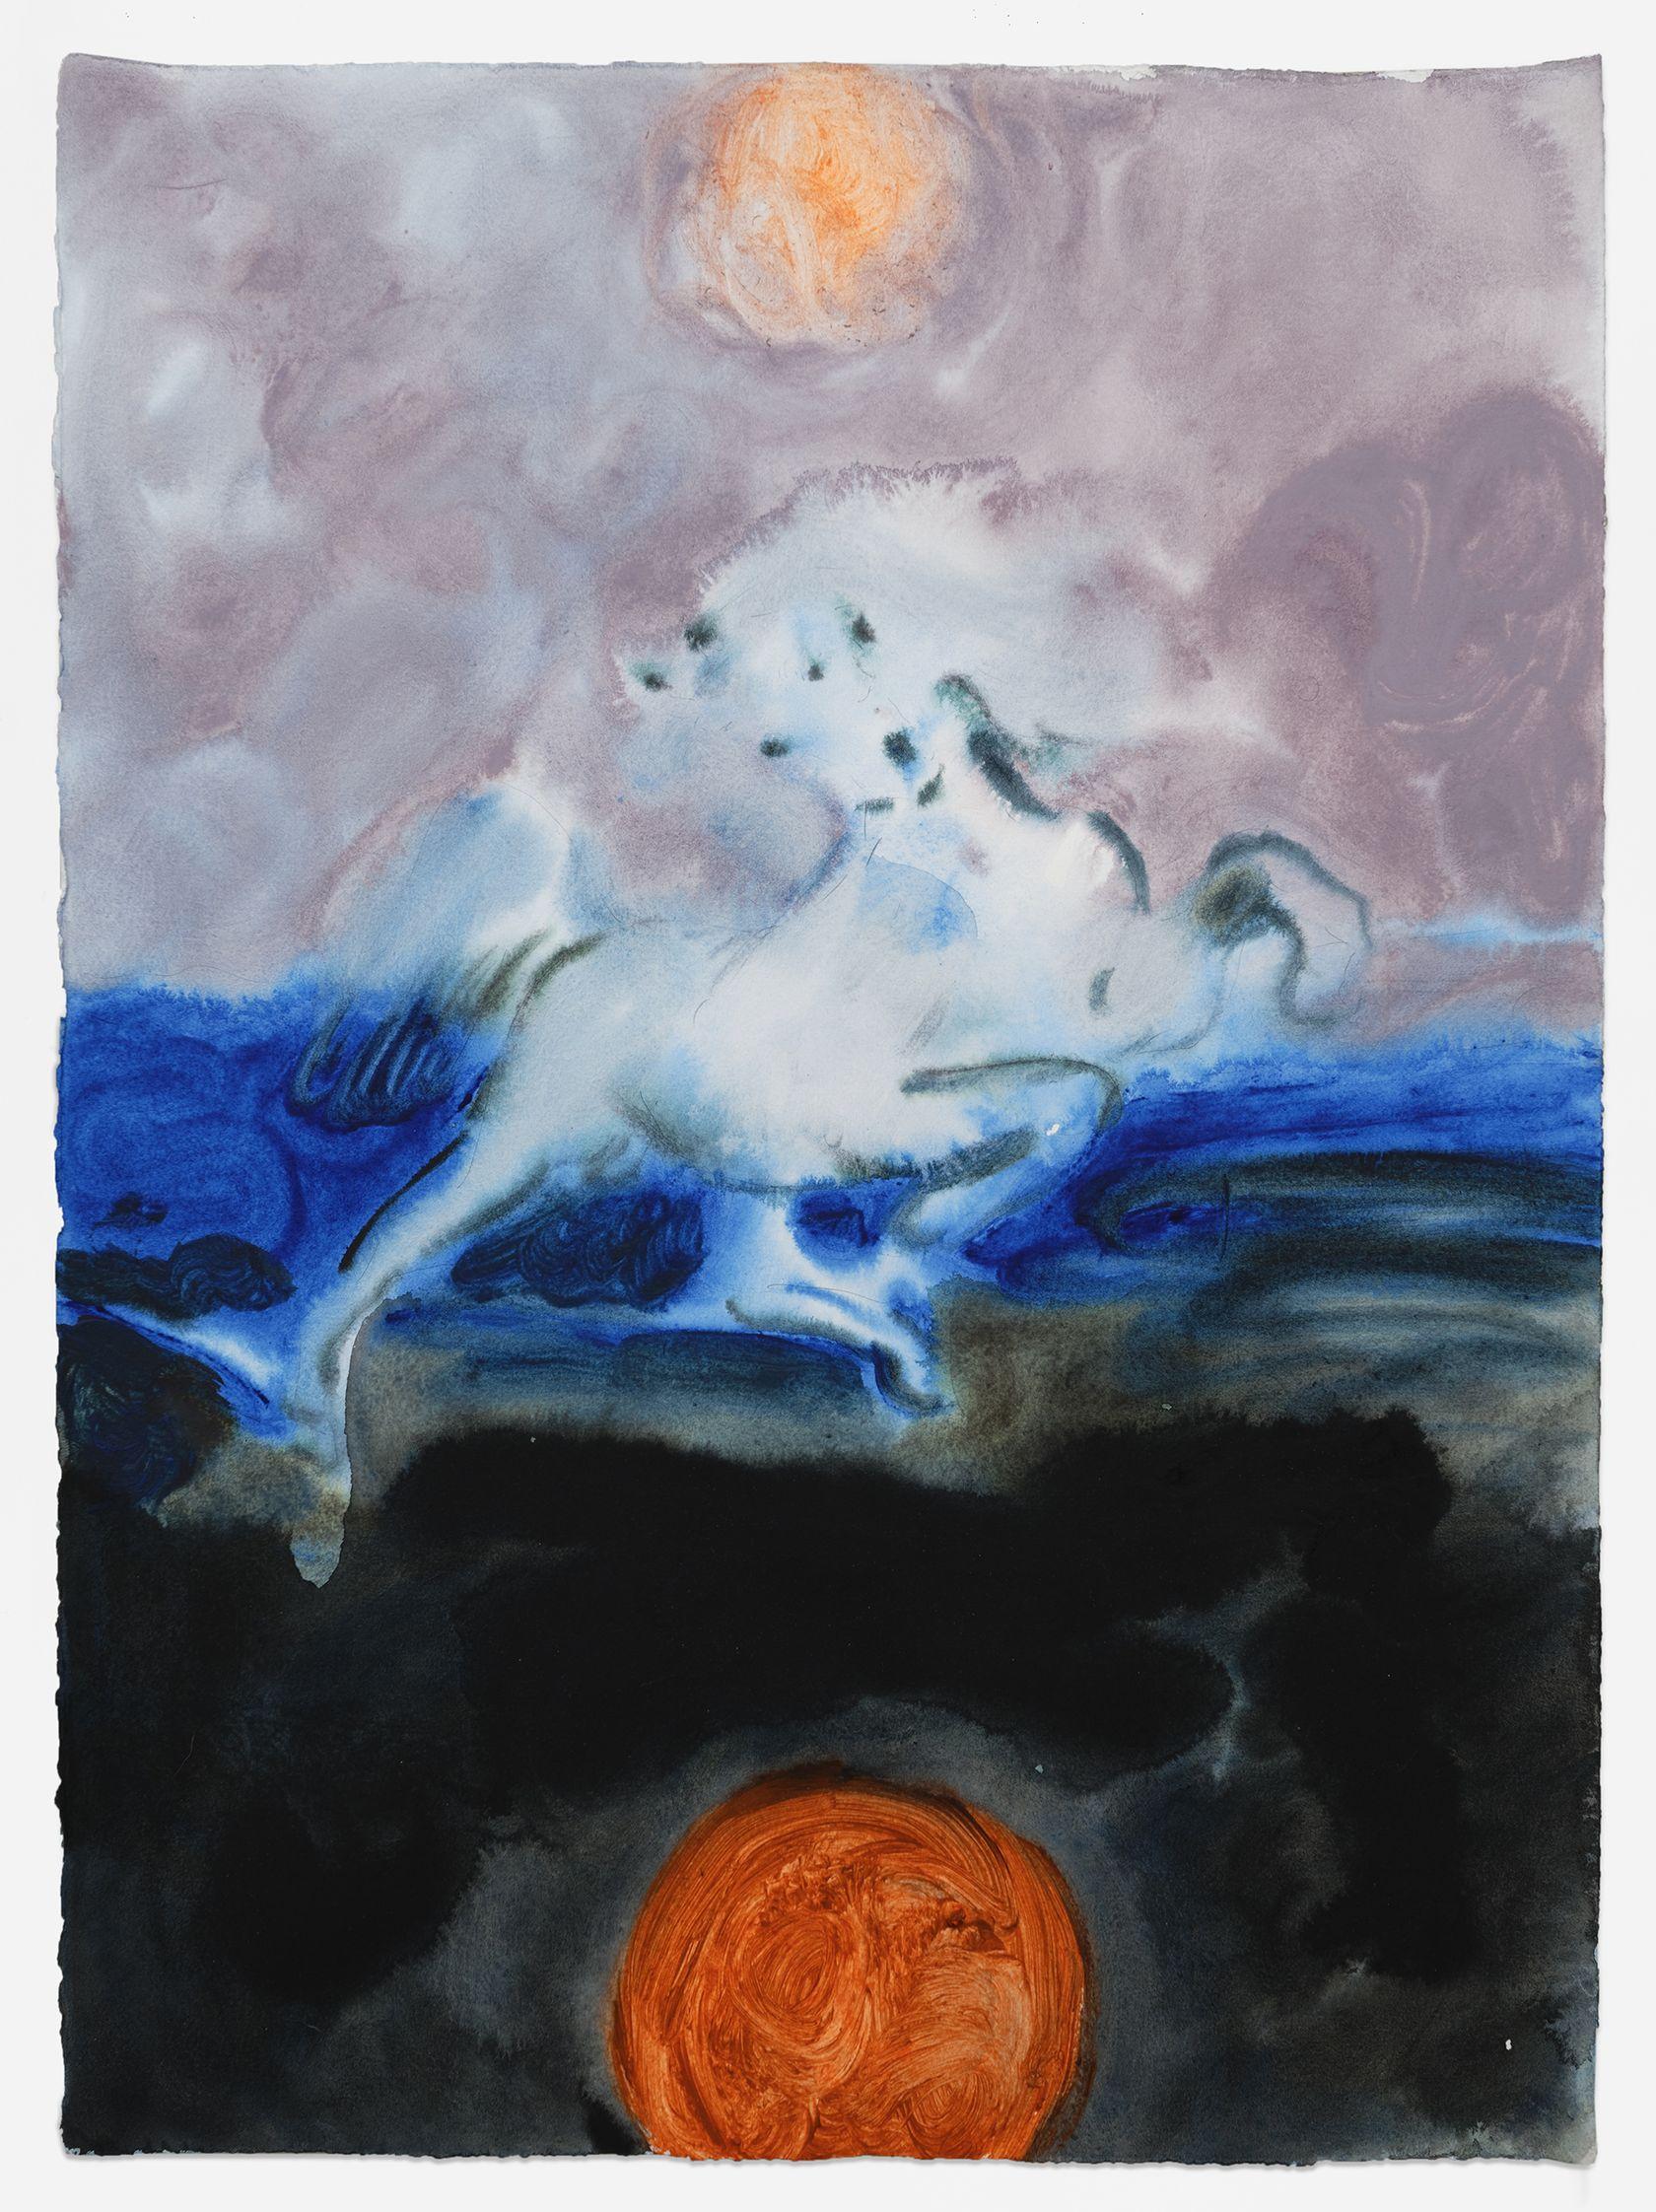 Anthony Cudahy, Delacroix horse (terror), 2021 Acrylique sur papier76 × 56 cm / 30 × 22 in. | 83.5 × 63.5 × 4 cm / 32 7/8 × 25  × 1 5/8 in. (encadré/framed)